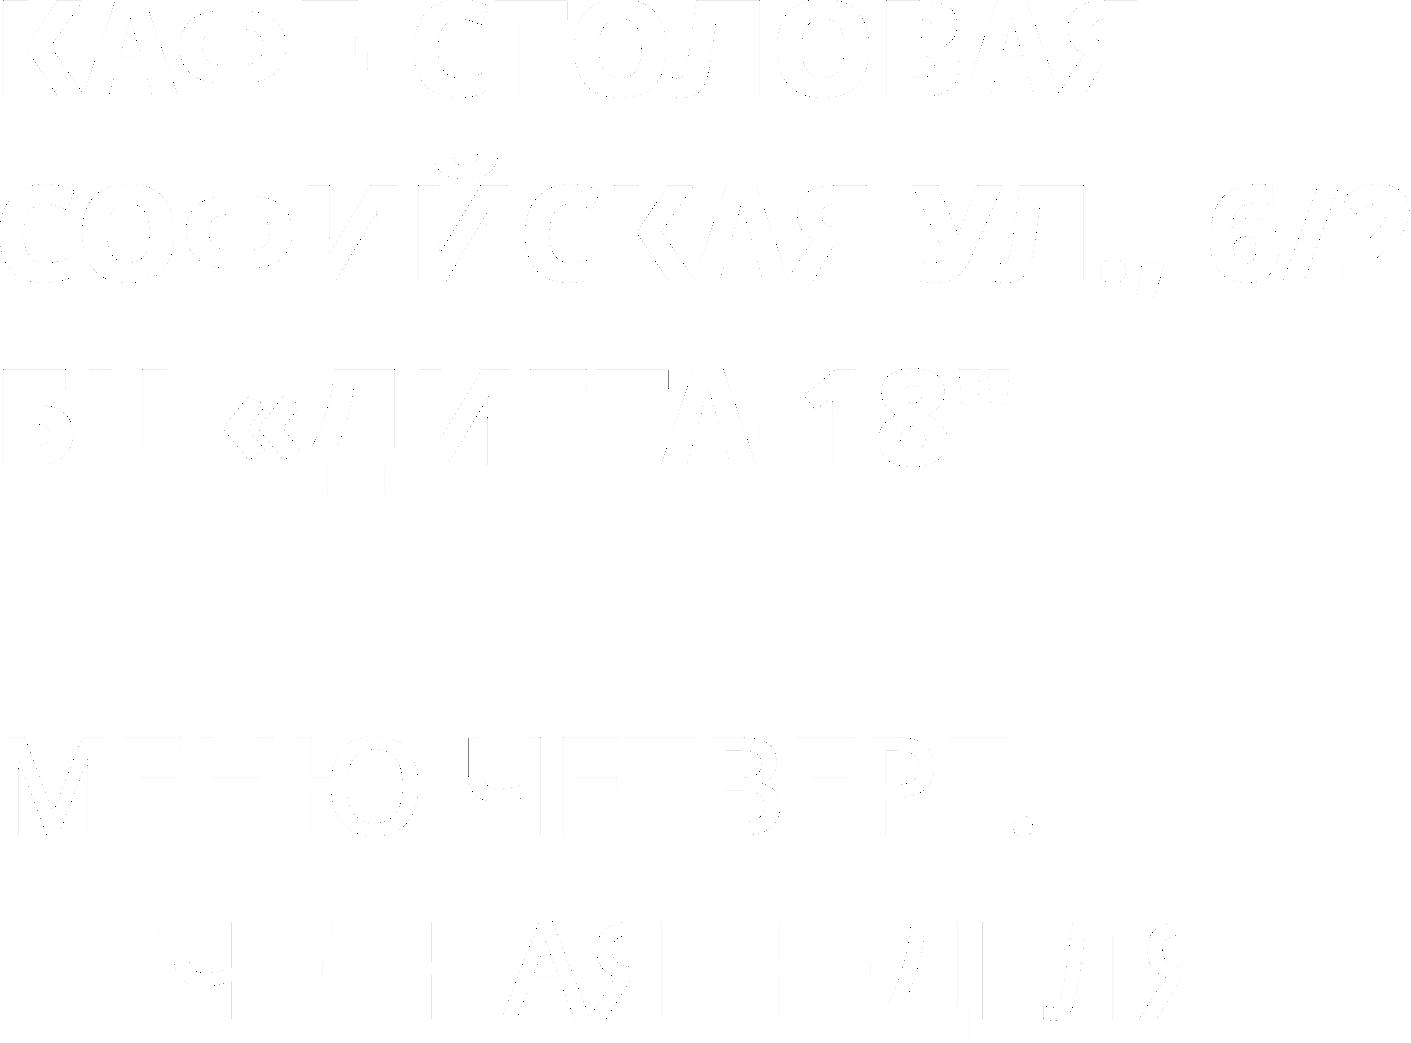 """КАФЕ-СТОЛОВАЯ СОФИЙСКАЯ УЛ., 6/2 БЦ """"ДИЕТА-18"""" МЕНЮ ЧЕТВЕРГ. НЕЧЕТНАЯ НЕДЕЛЯ"""